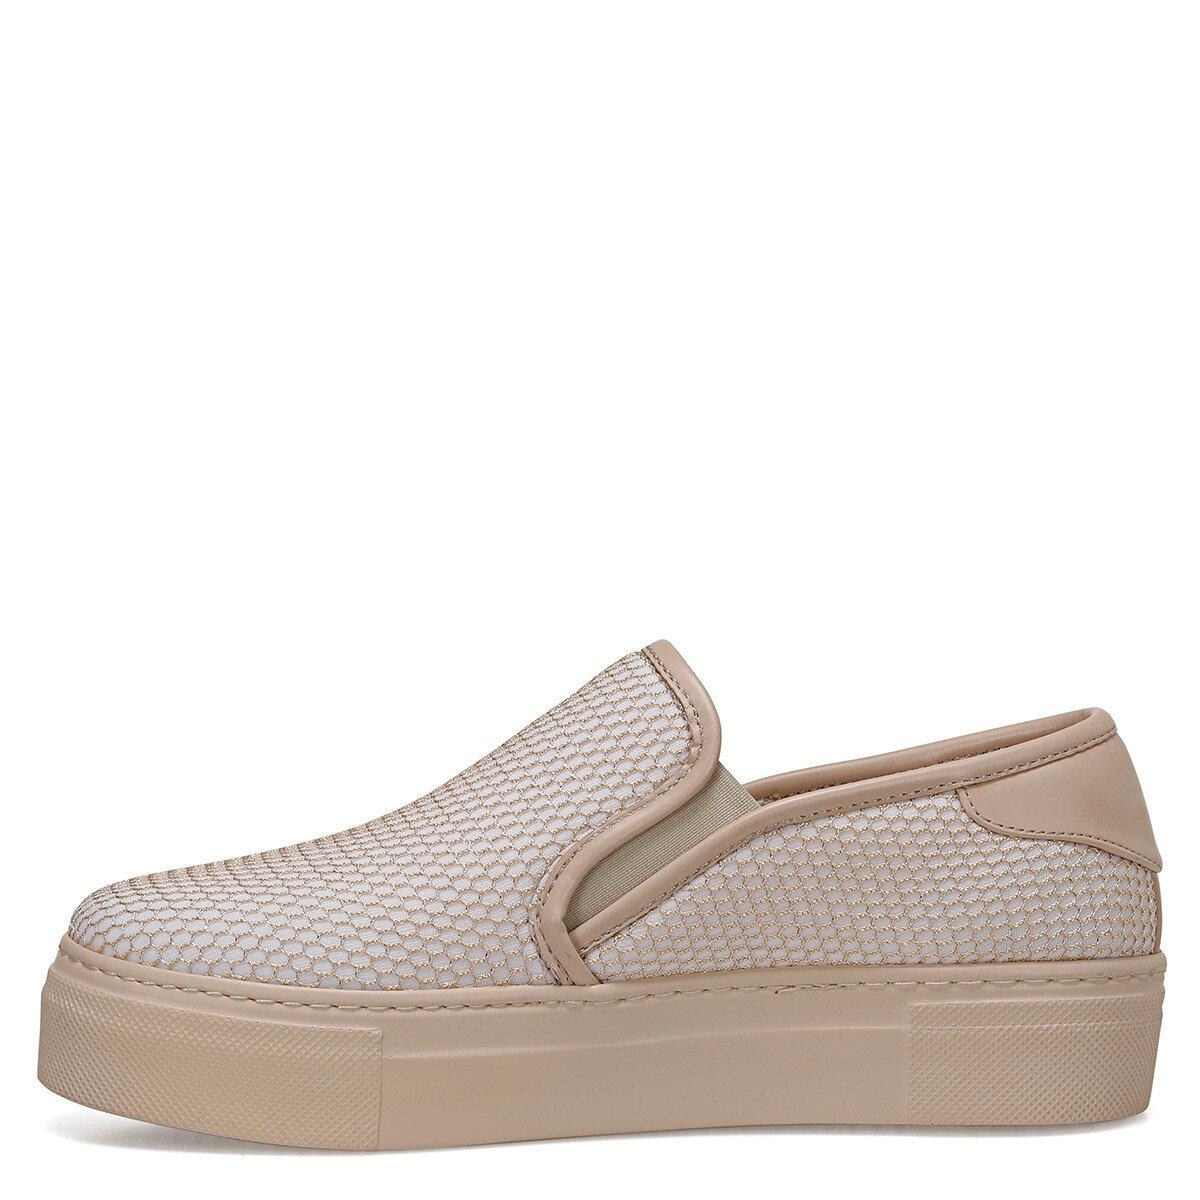 EDMANDA Bej Kadın Slip On Ayakkabı